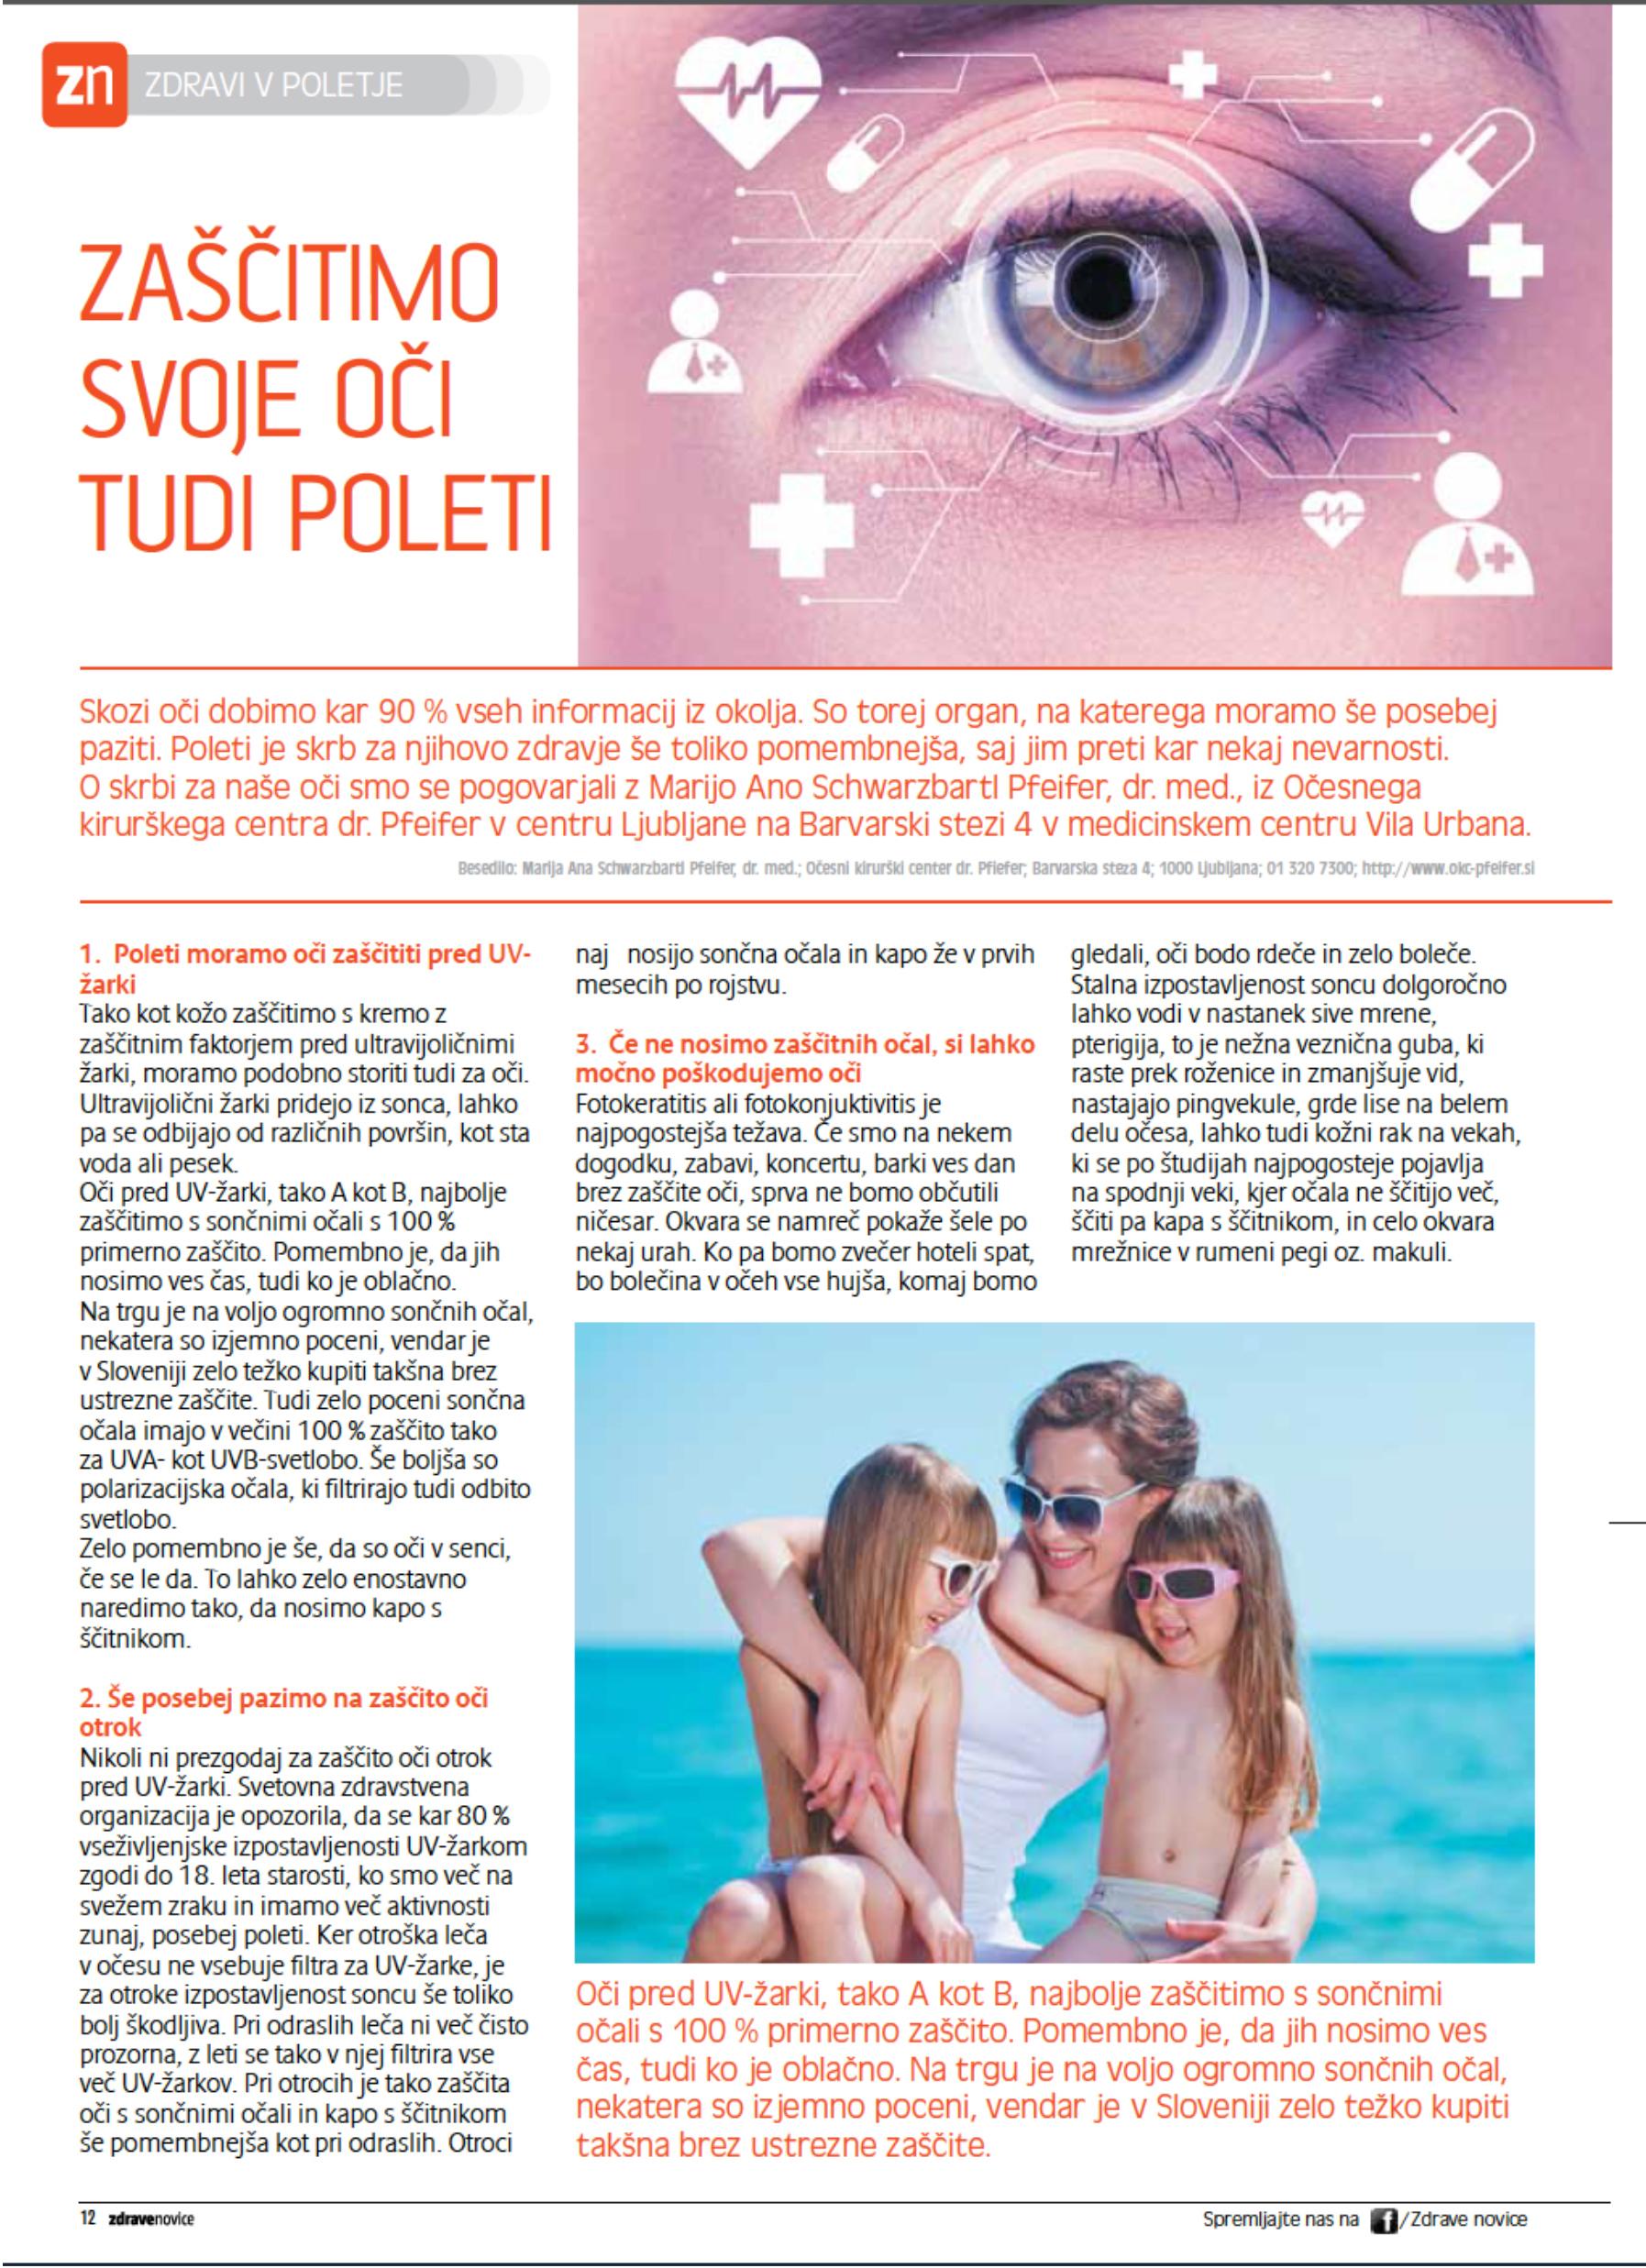 Zdrave novice - Zaščitimo svoje oči tudi poleti